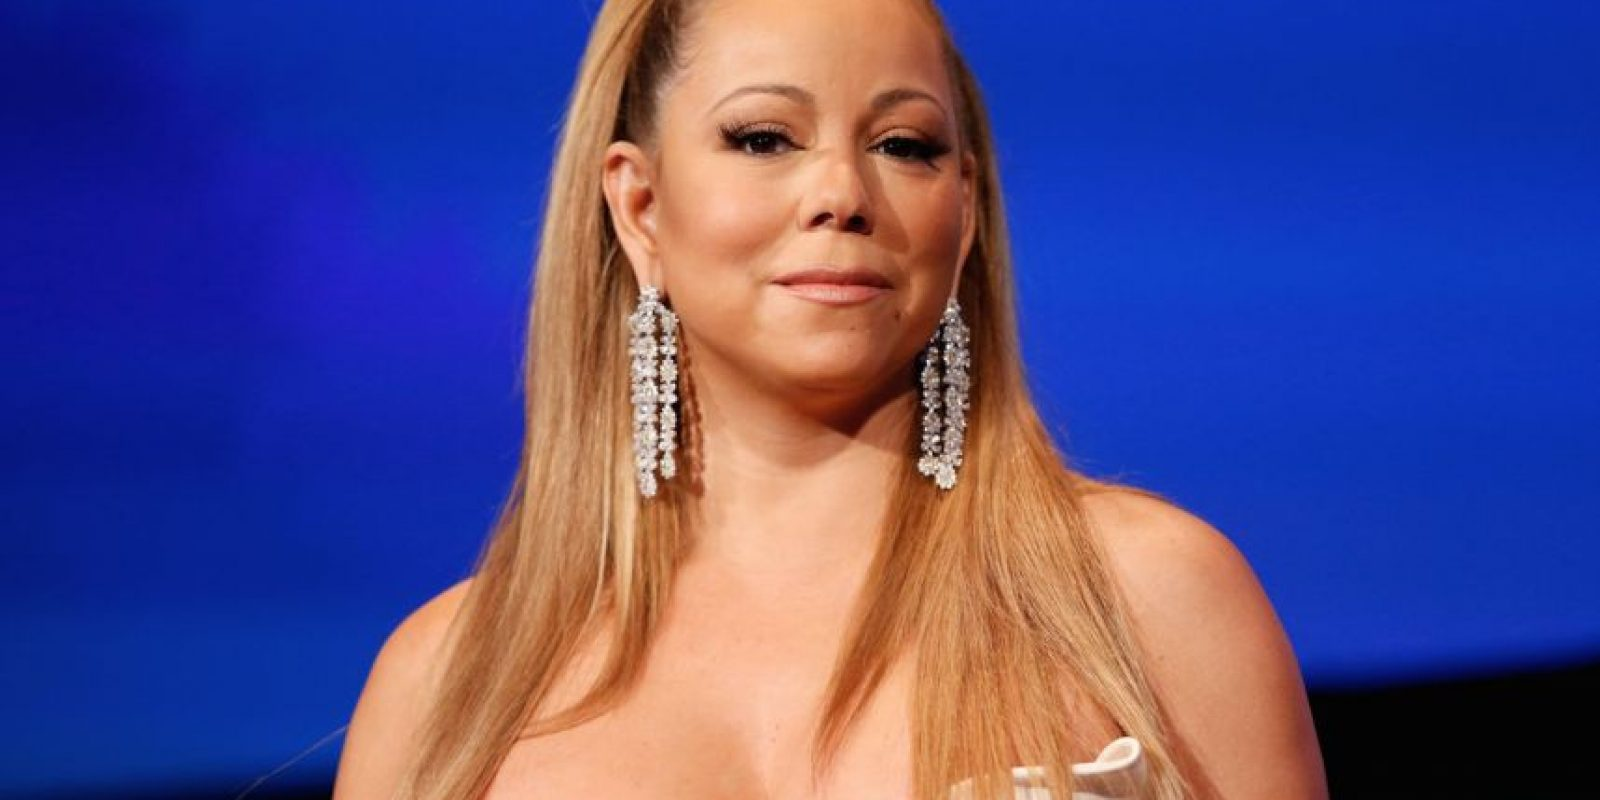 """En china la expresión """"la vagina de la vaca"""" o """"Niubi"""" se refiere a algo muy impresionante, por ello mencionar que Mariah es una """"hermana vaca"""" es uno de los mejores cumplidos que se puedan recibir. Foto:Getty Images"""